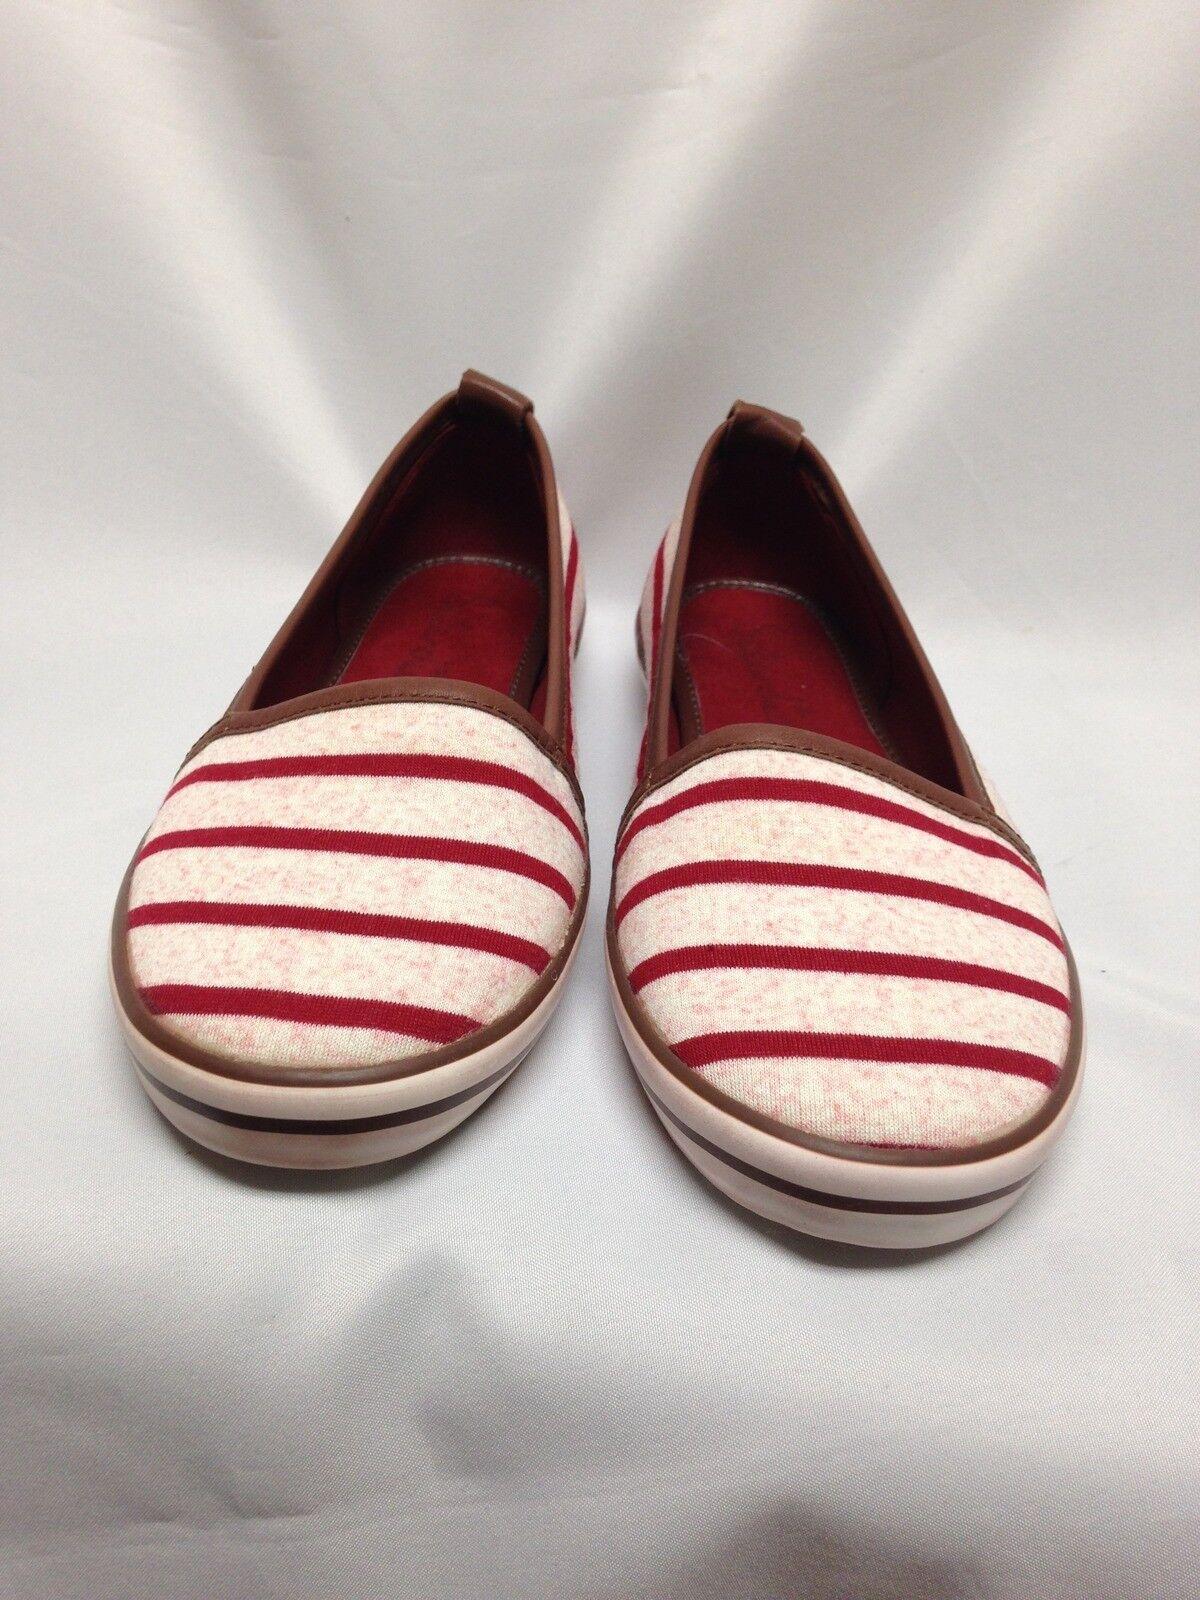 Splendid Striped Malibu Boat Shoe Dusty Rose  Size 8 2S02503 NIB